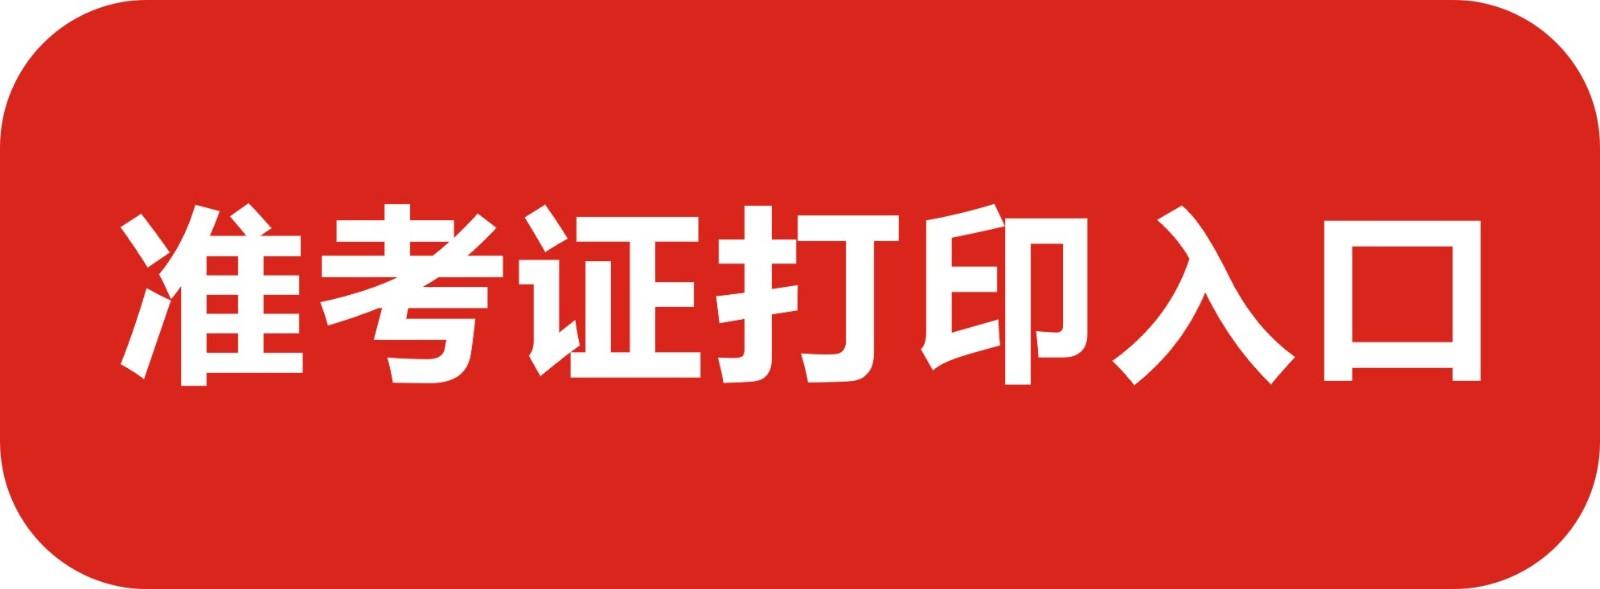 2020上半年黑龙江中小学教师资格考试笔试准考证打印入口